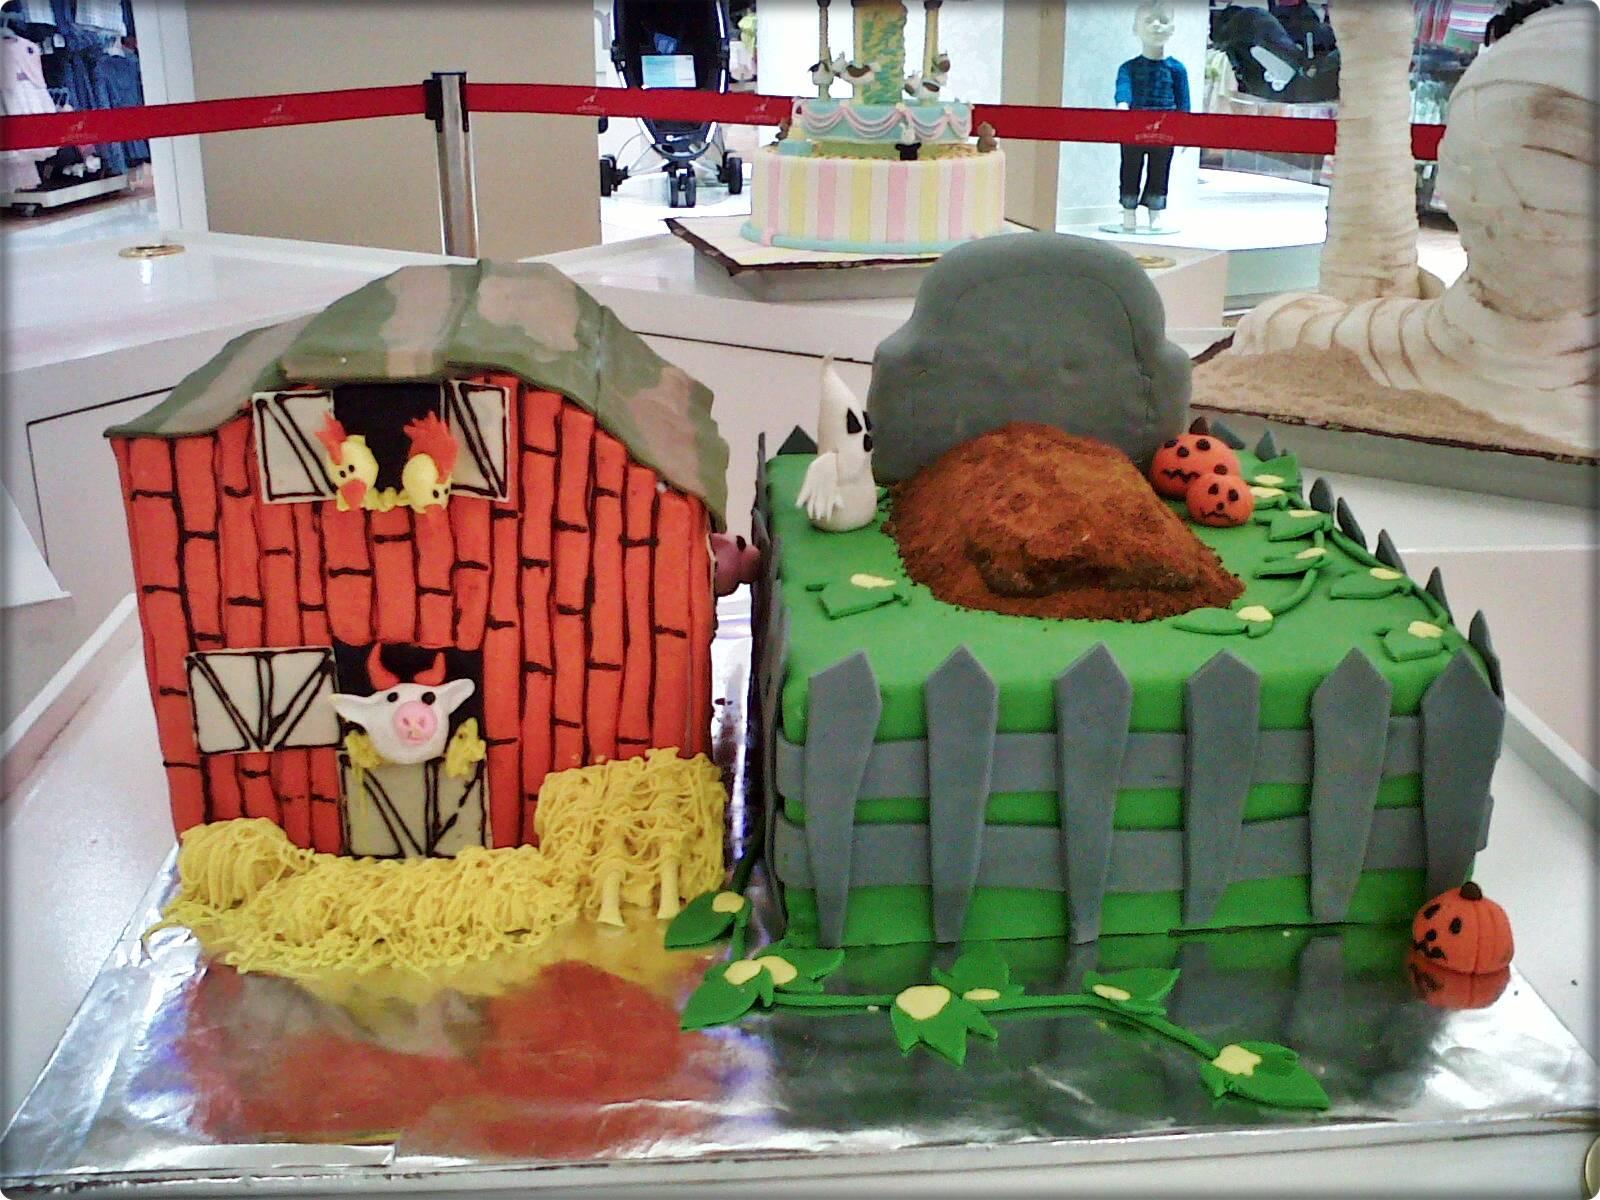 ... cakes on our way to buy Jennys birthday cake. Way to go Miki Ojisan